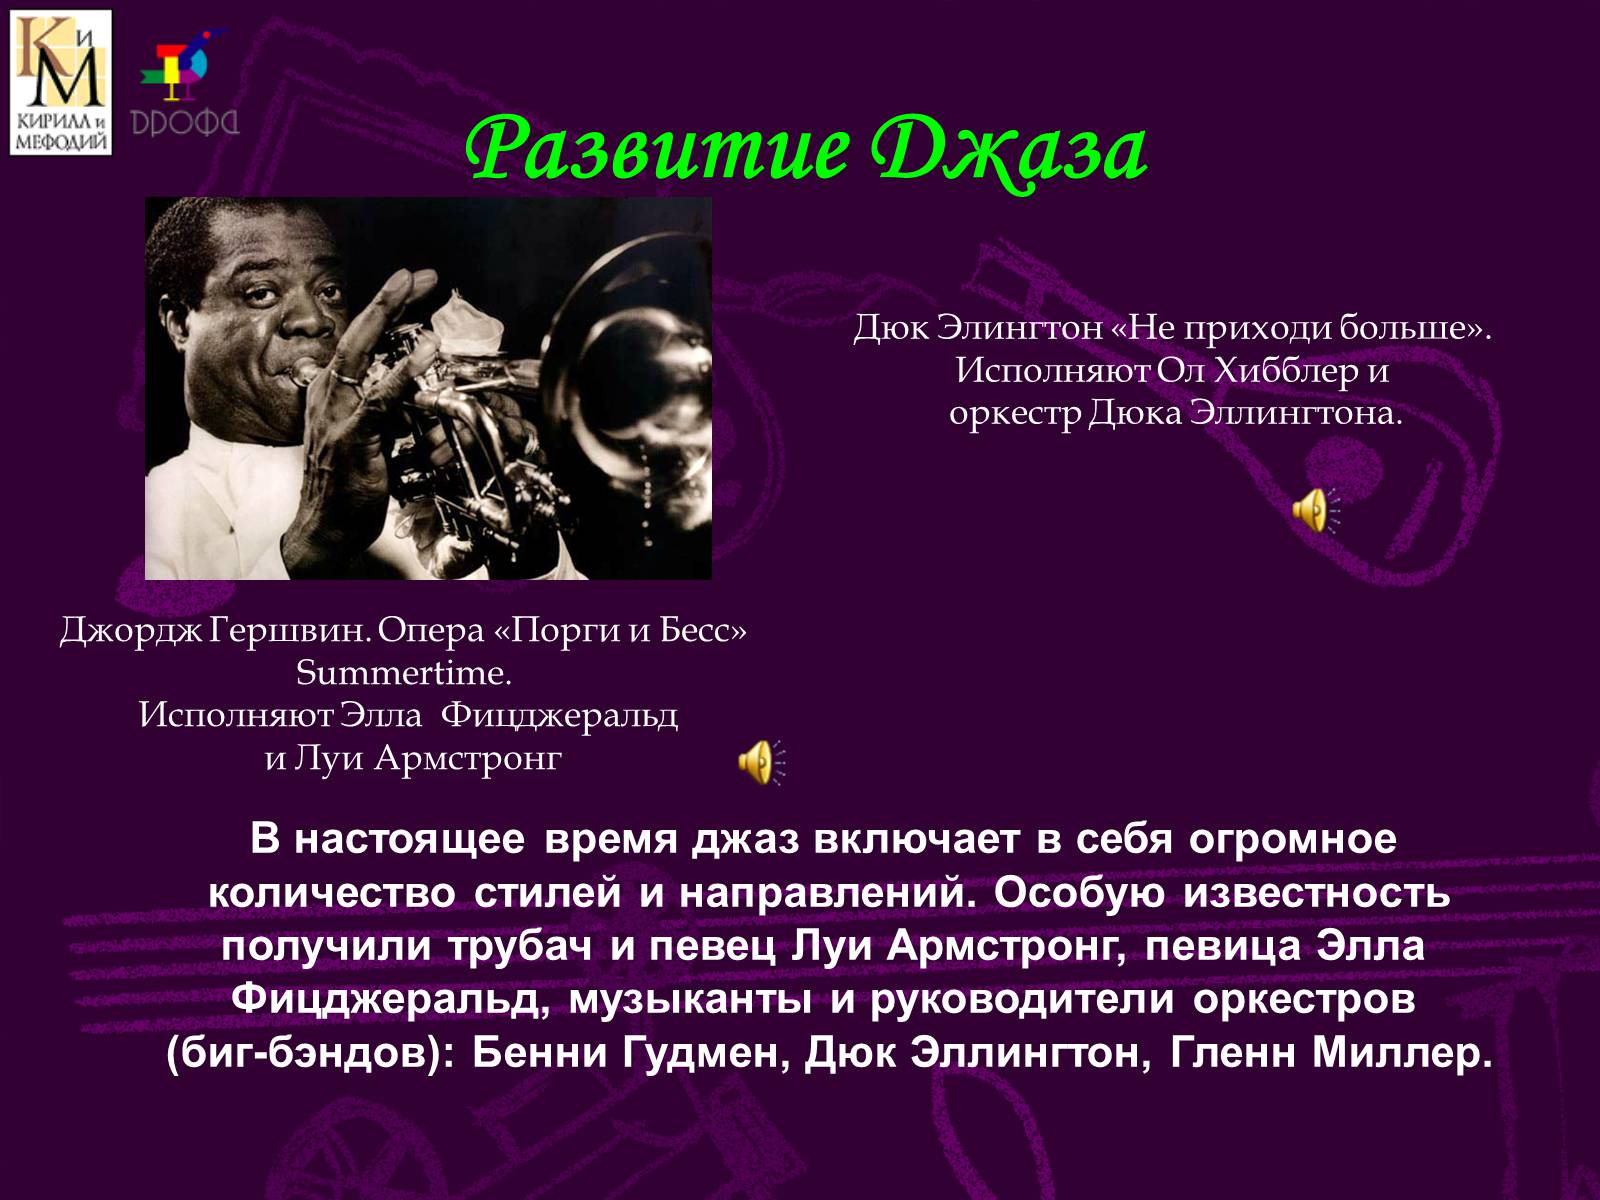 Джаз: что такое (определение), история появления, родина джаза. известные представители музыкального направления